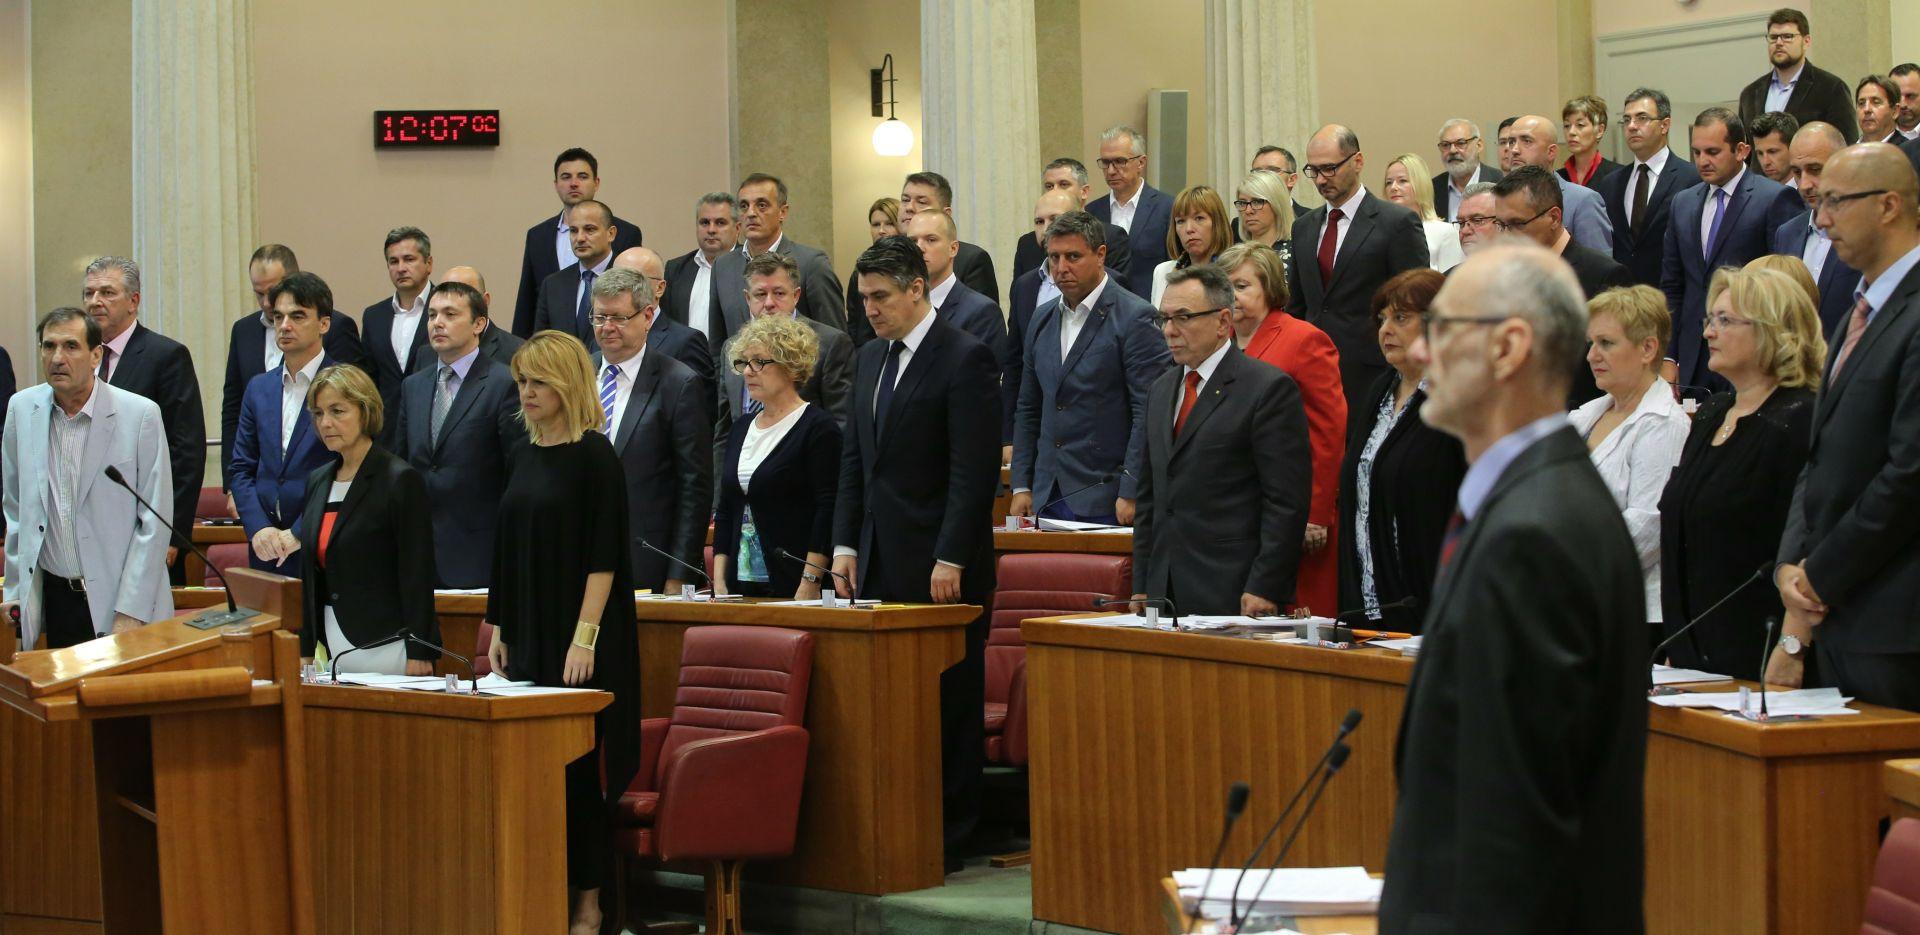 SABOR Minuta šutnje za prvog predsjednika Hrvatske